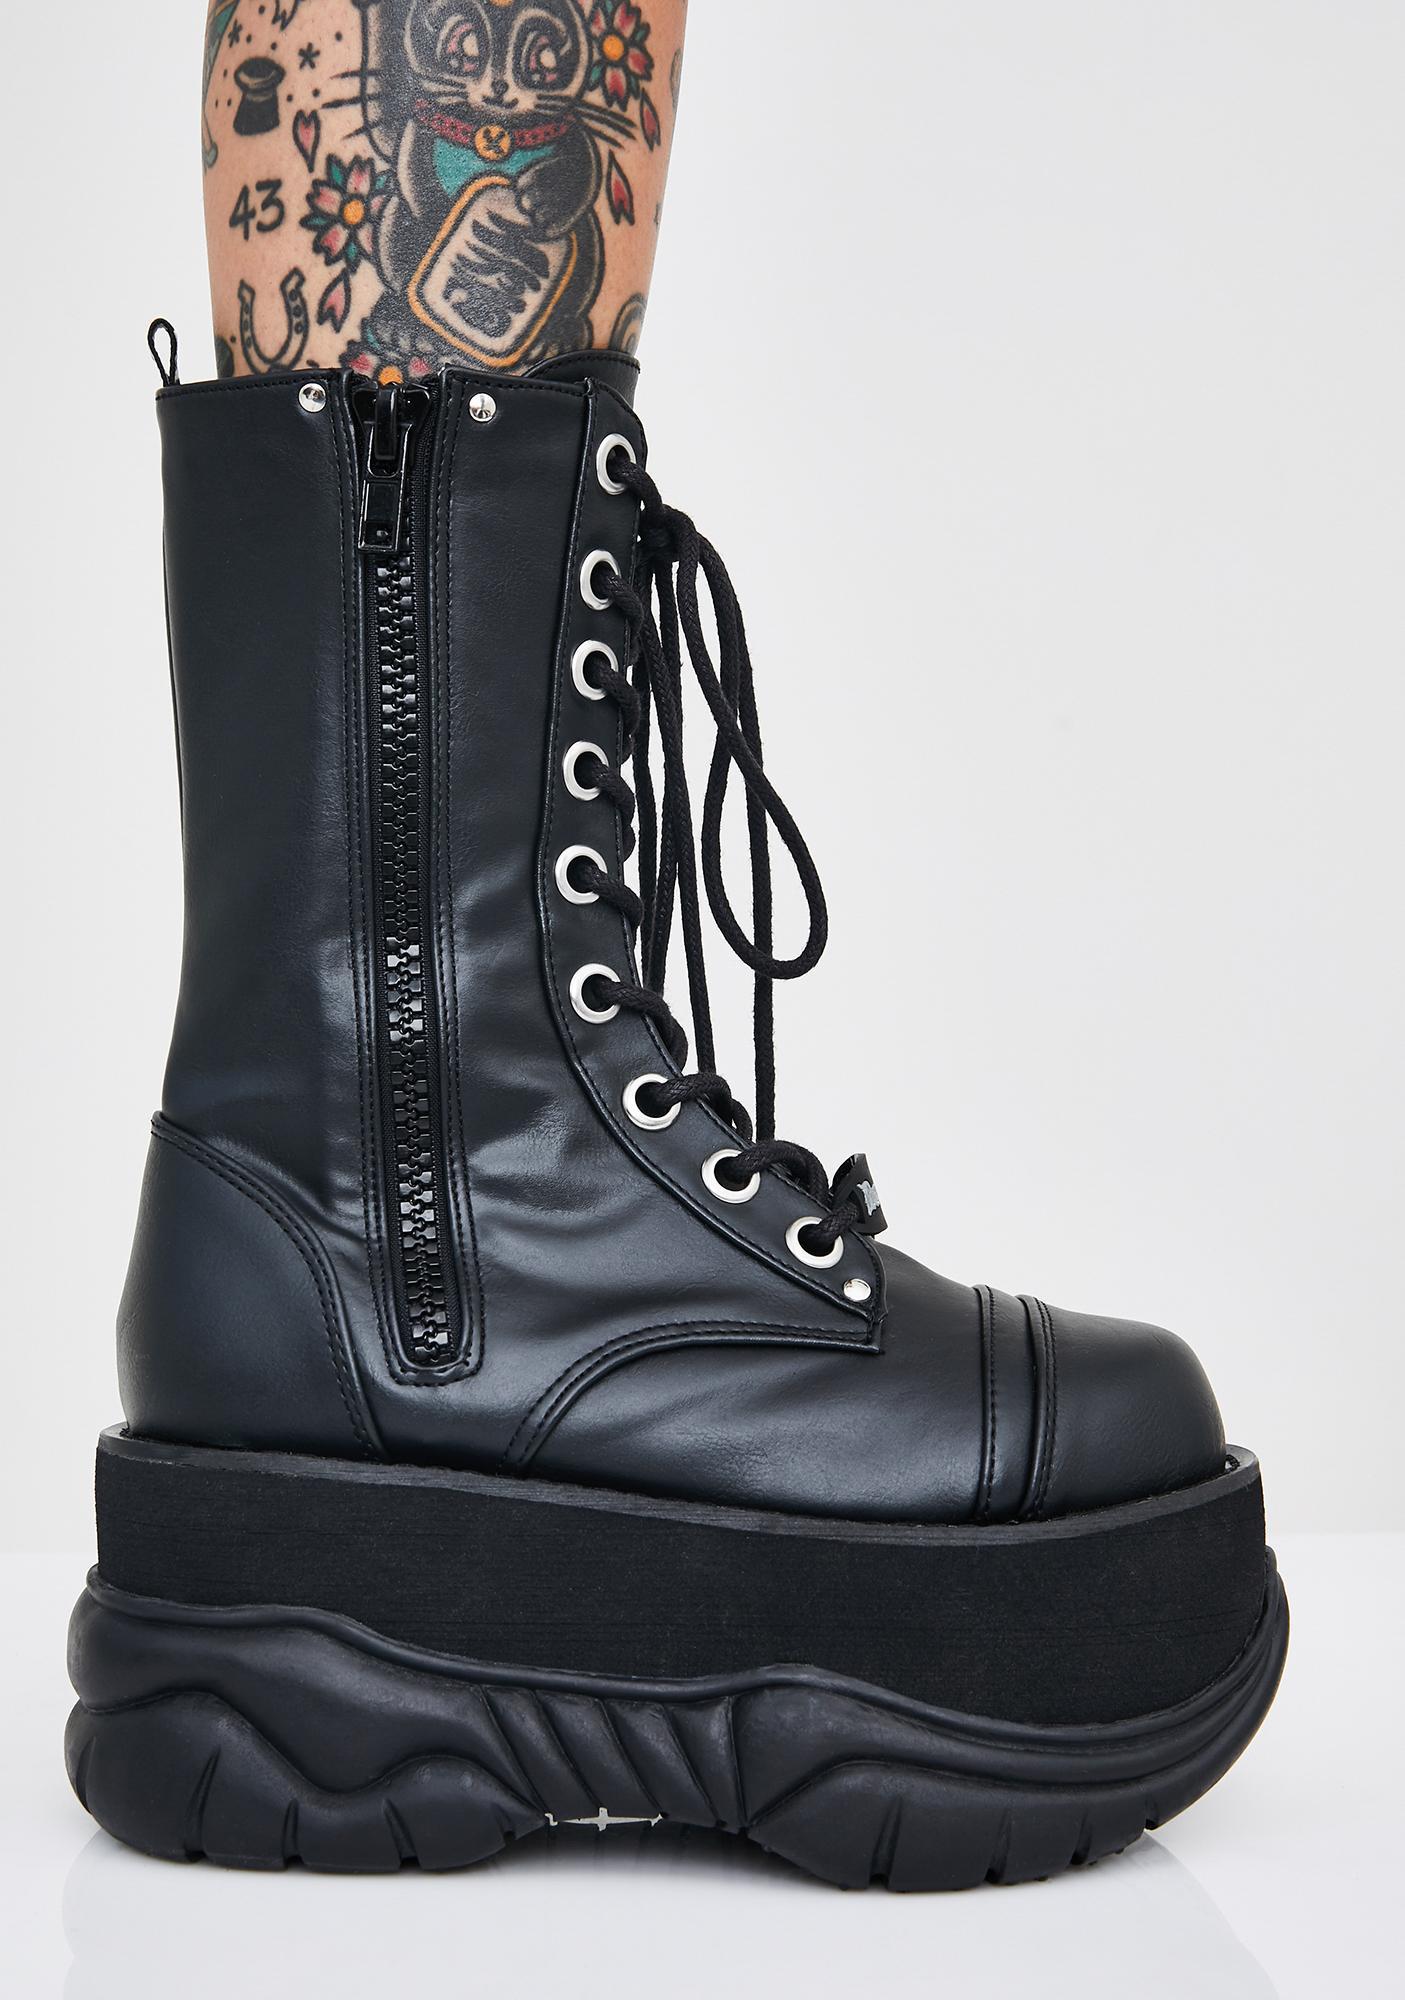 Demonia Cyber Void Platform Boots